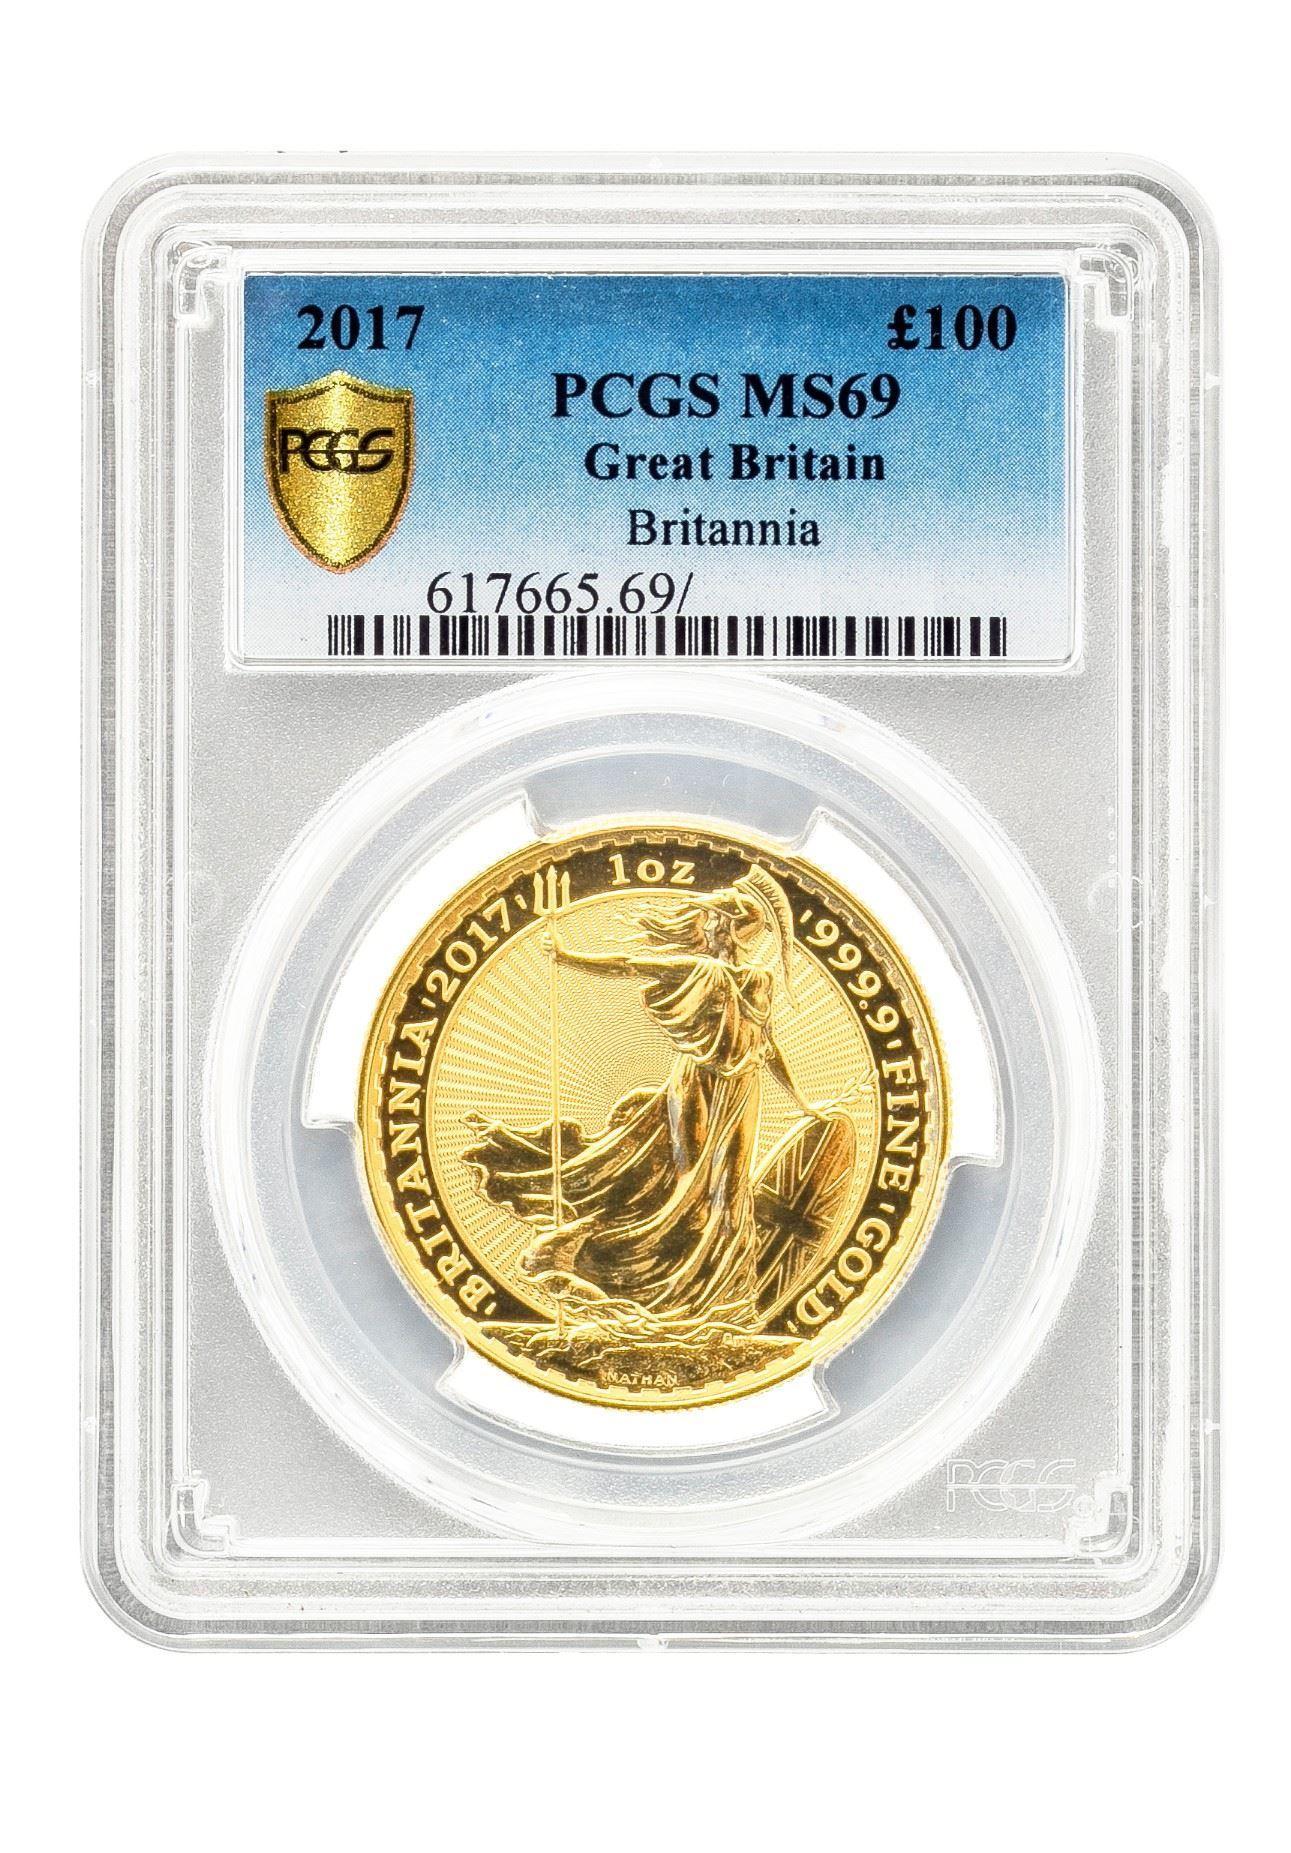 Picture of PCGS 2017 1oz Gold Britannia MS69